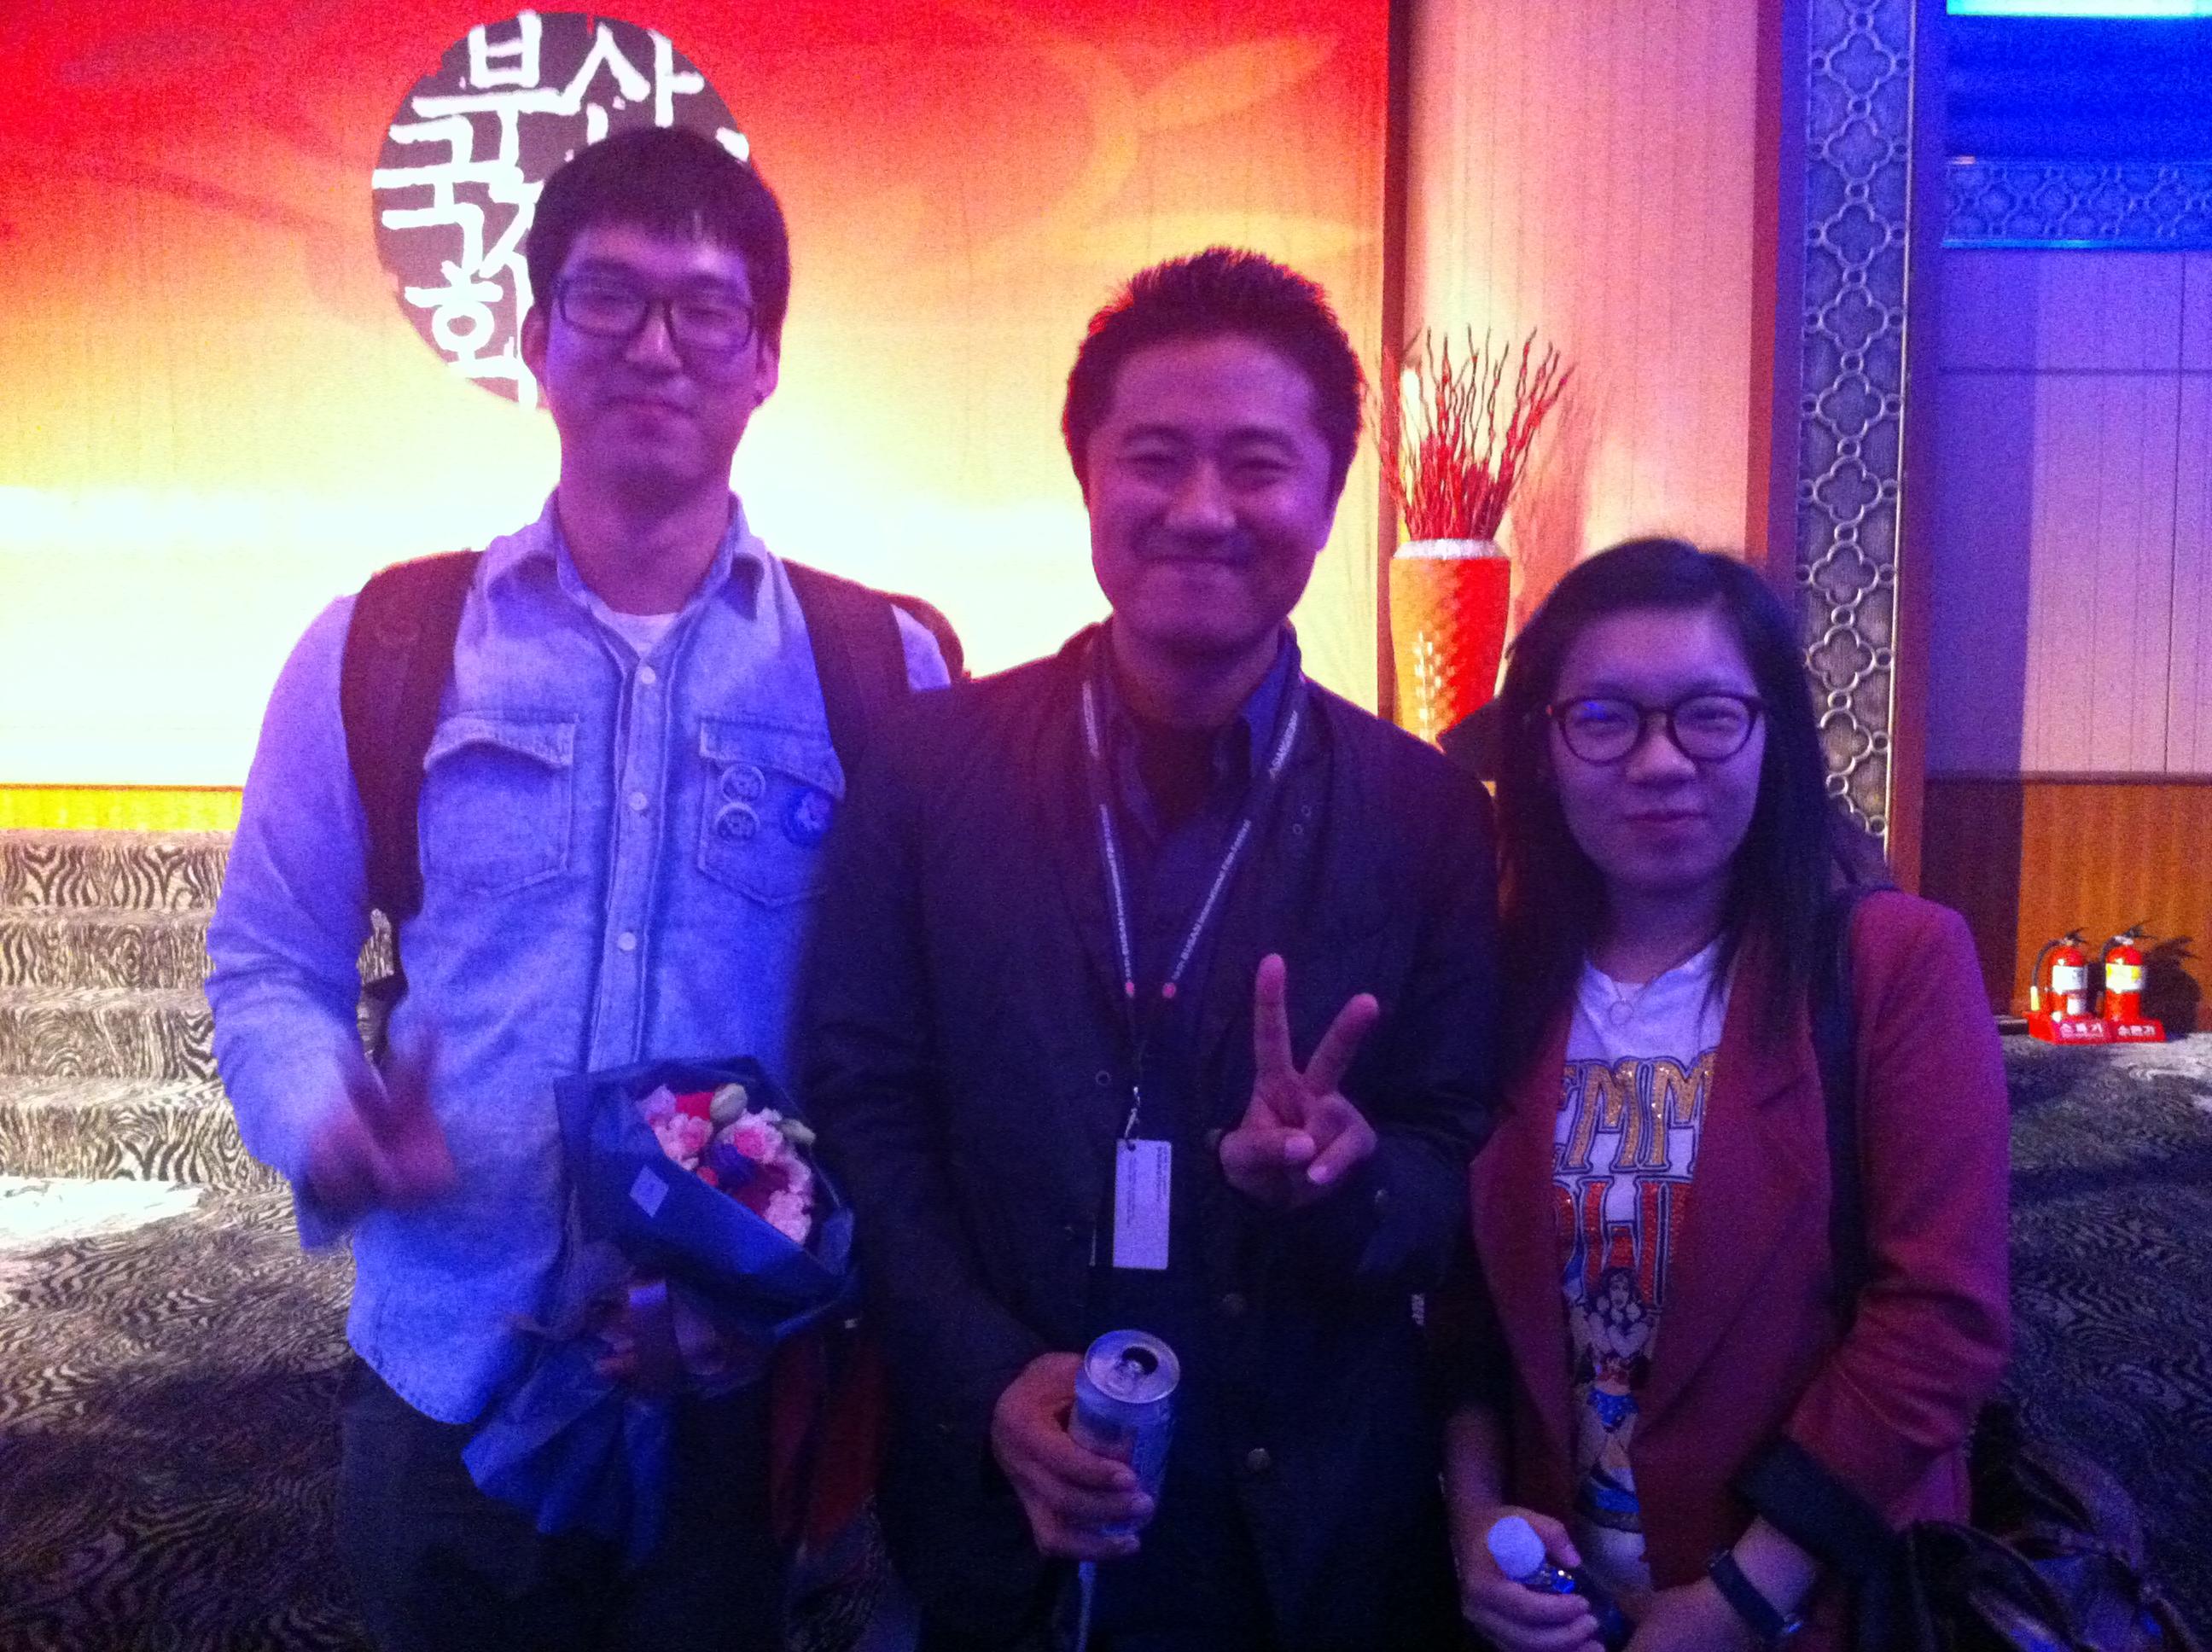 2011년 <나비와 바다> 상영 때 영화를 관람한 일본의 소다 카즈히로 감독(중앙)과 함께.